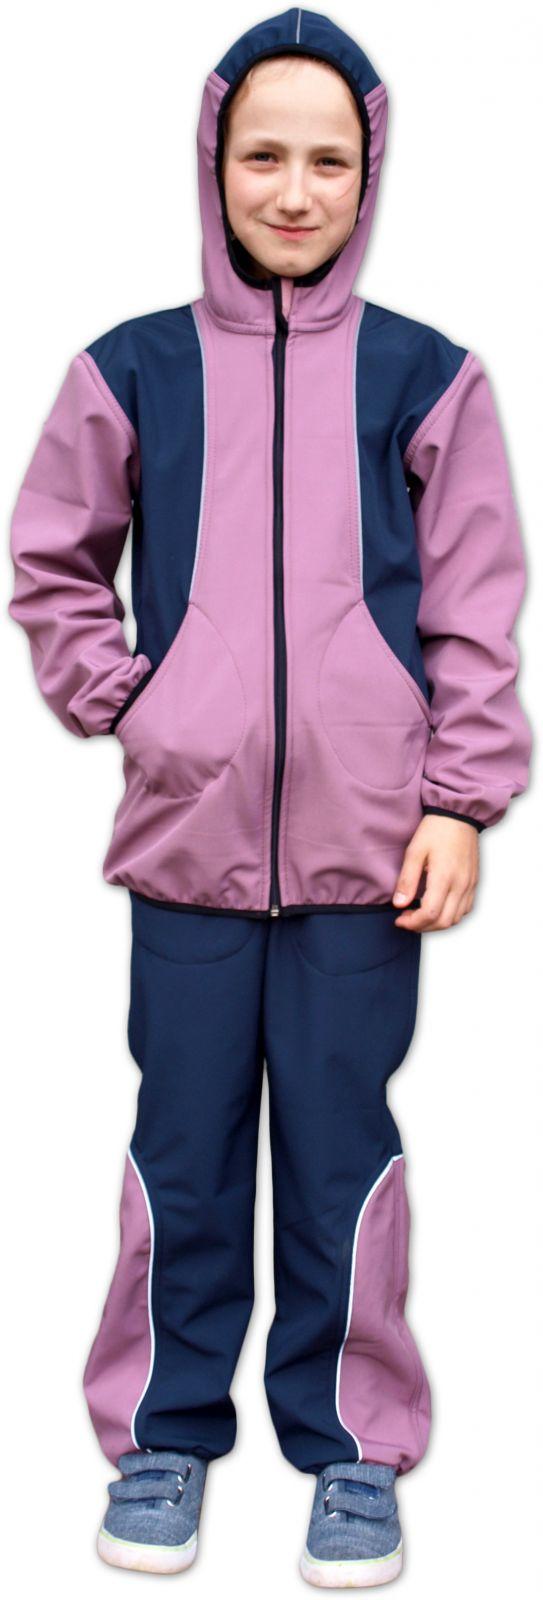 Dětská softshellová bunda, růžová+tmavě modrá, 98/104